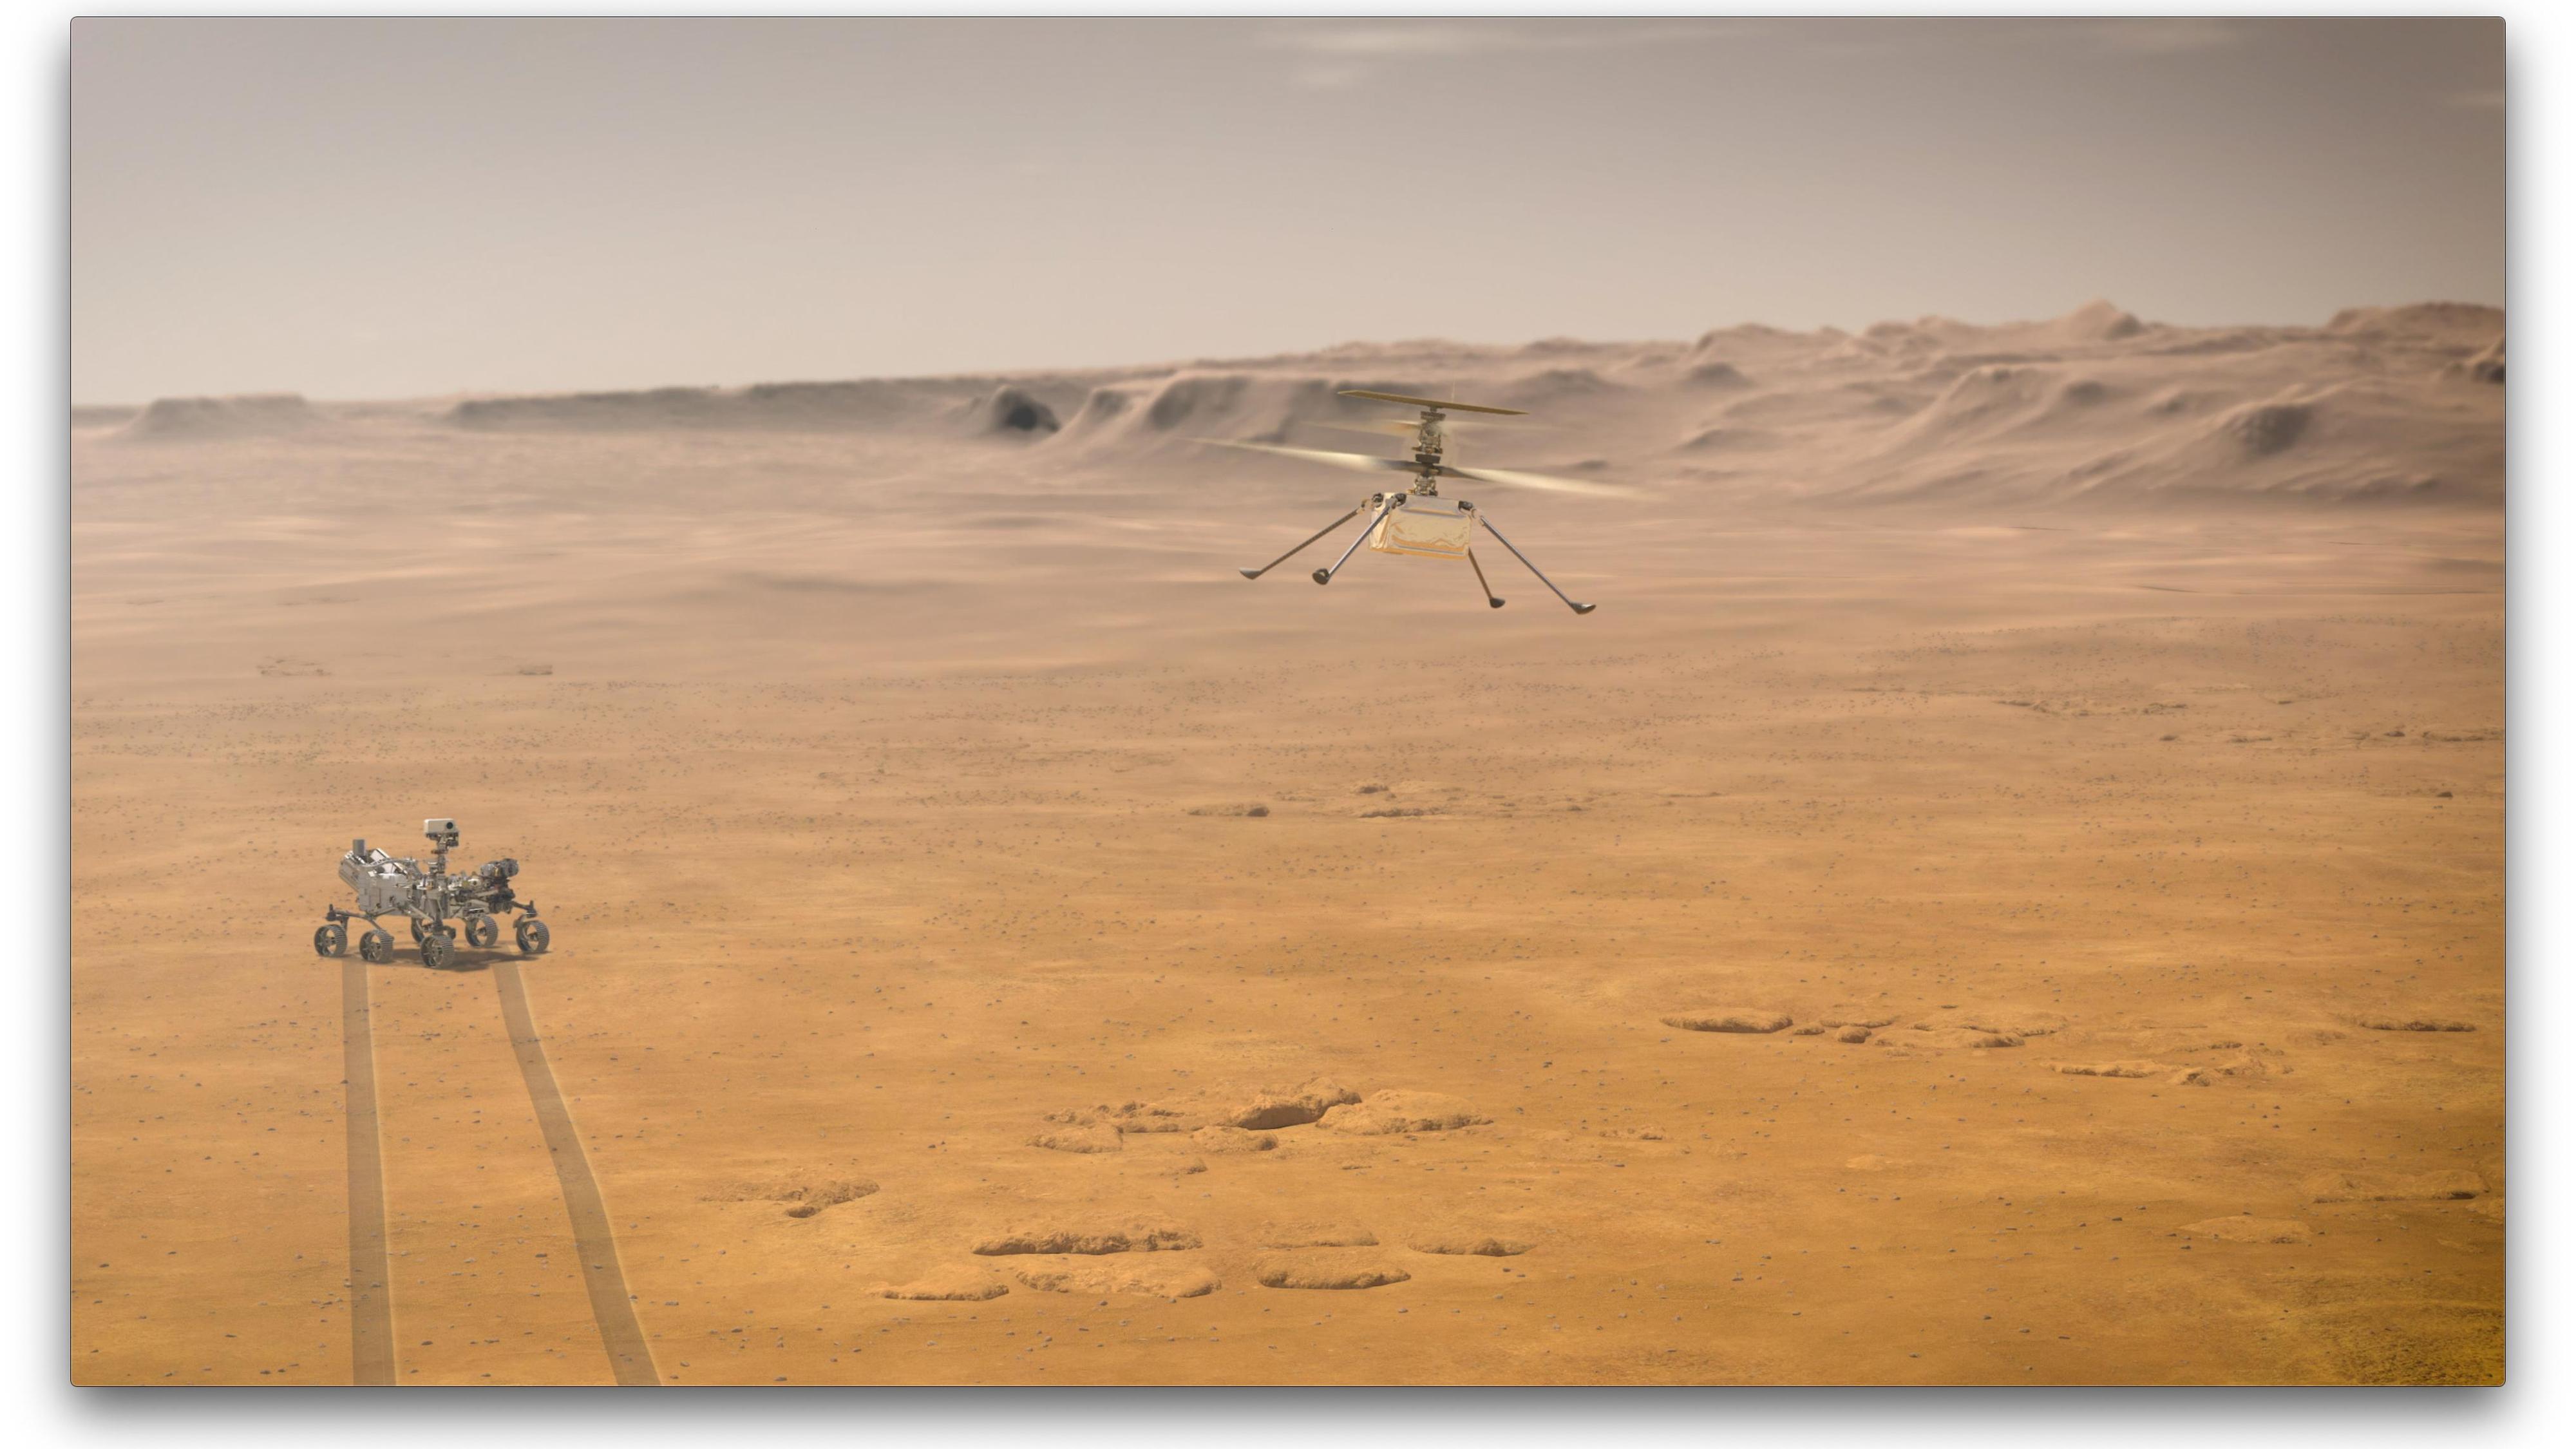 Ble historisk: Den aller første flyvningen på en annen planet